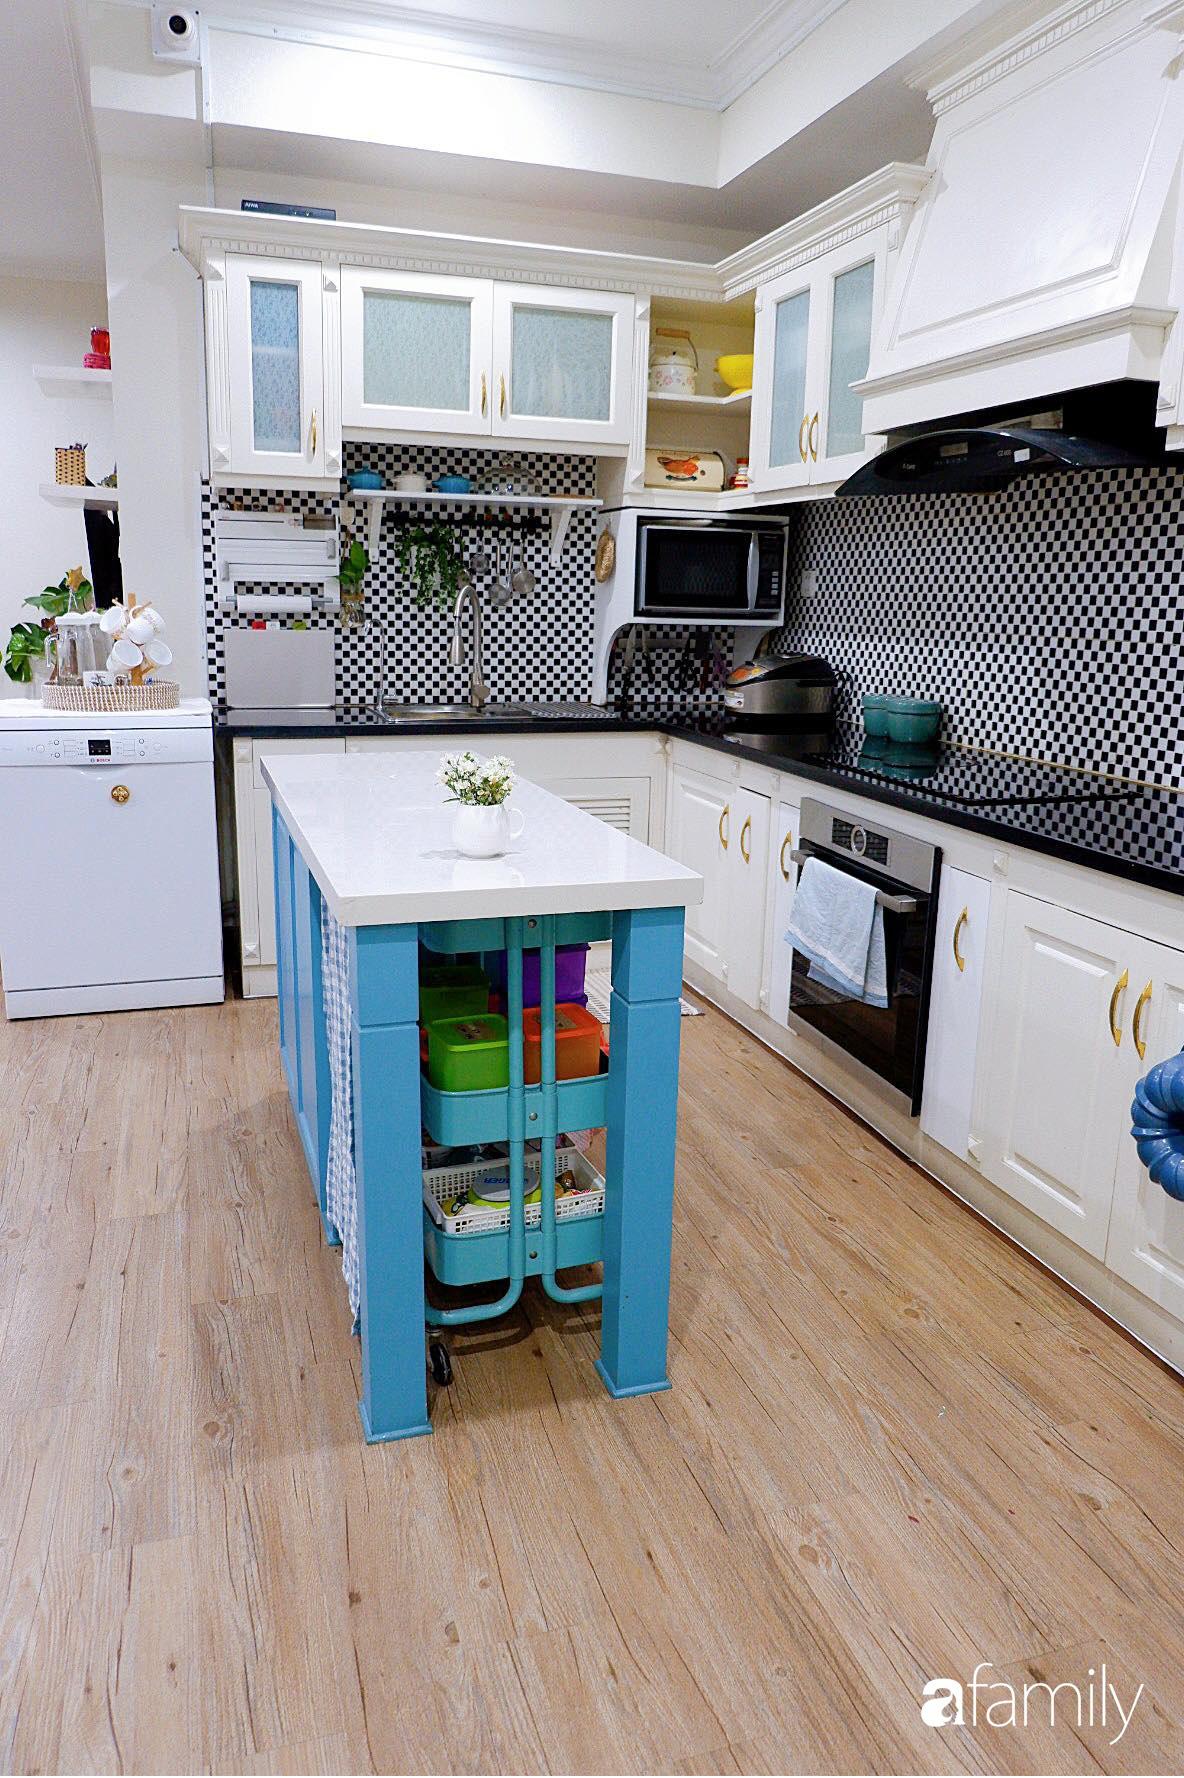 Căn bếp nhỏ xíu xây nhiều năm vẫn gọn đẹp như mới ở TP. HCM - Ảnh 2.